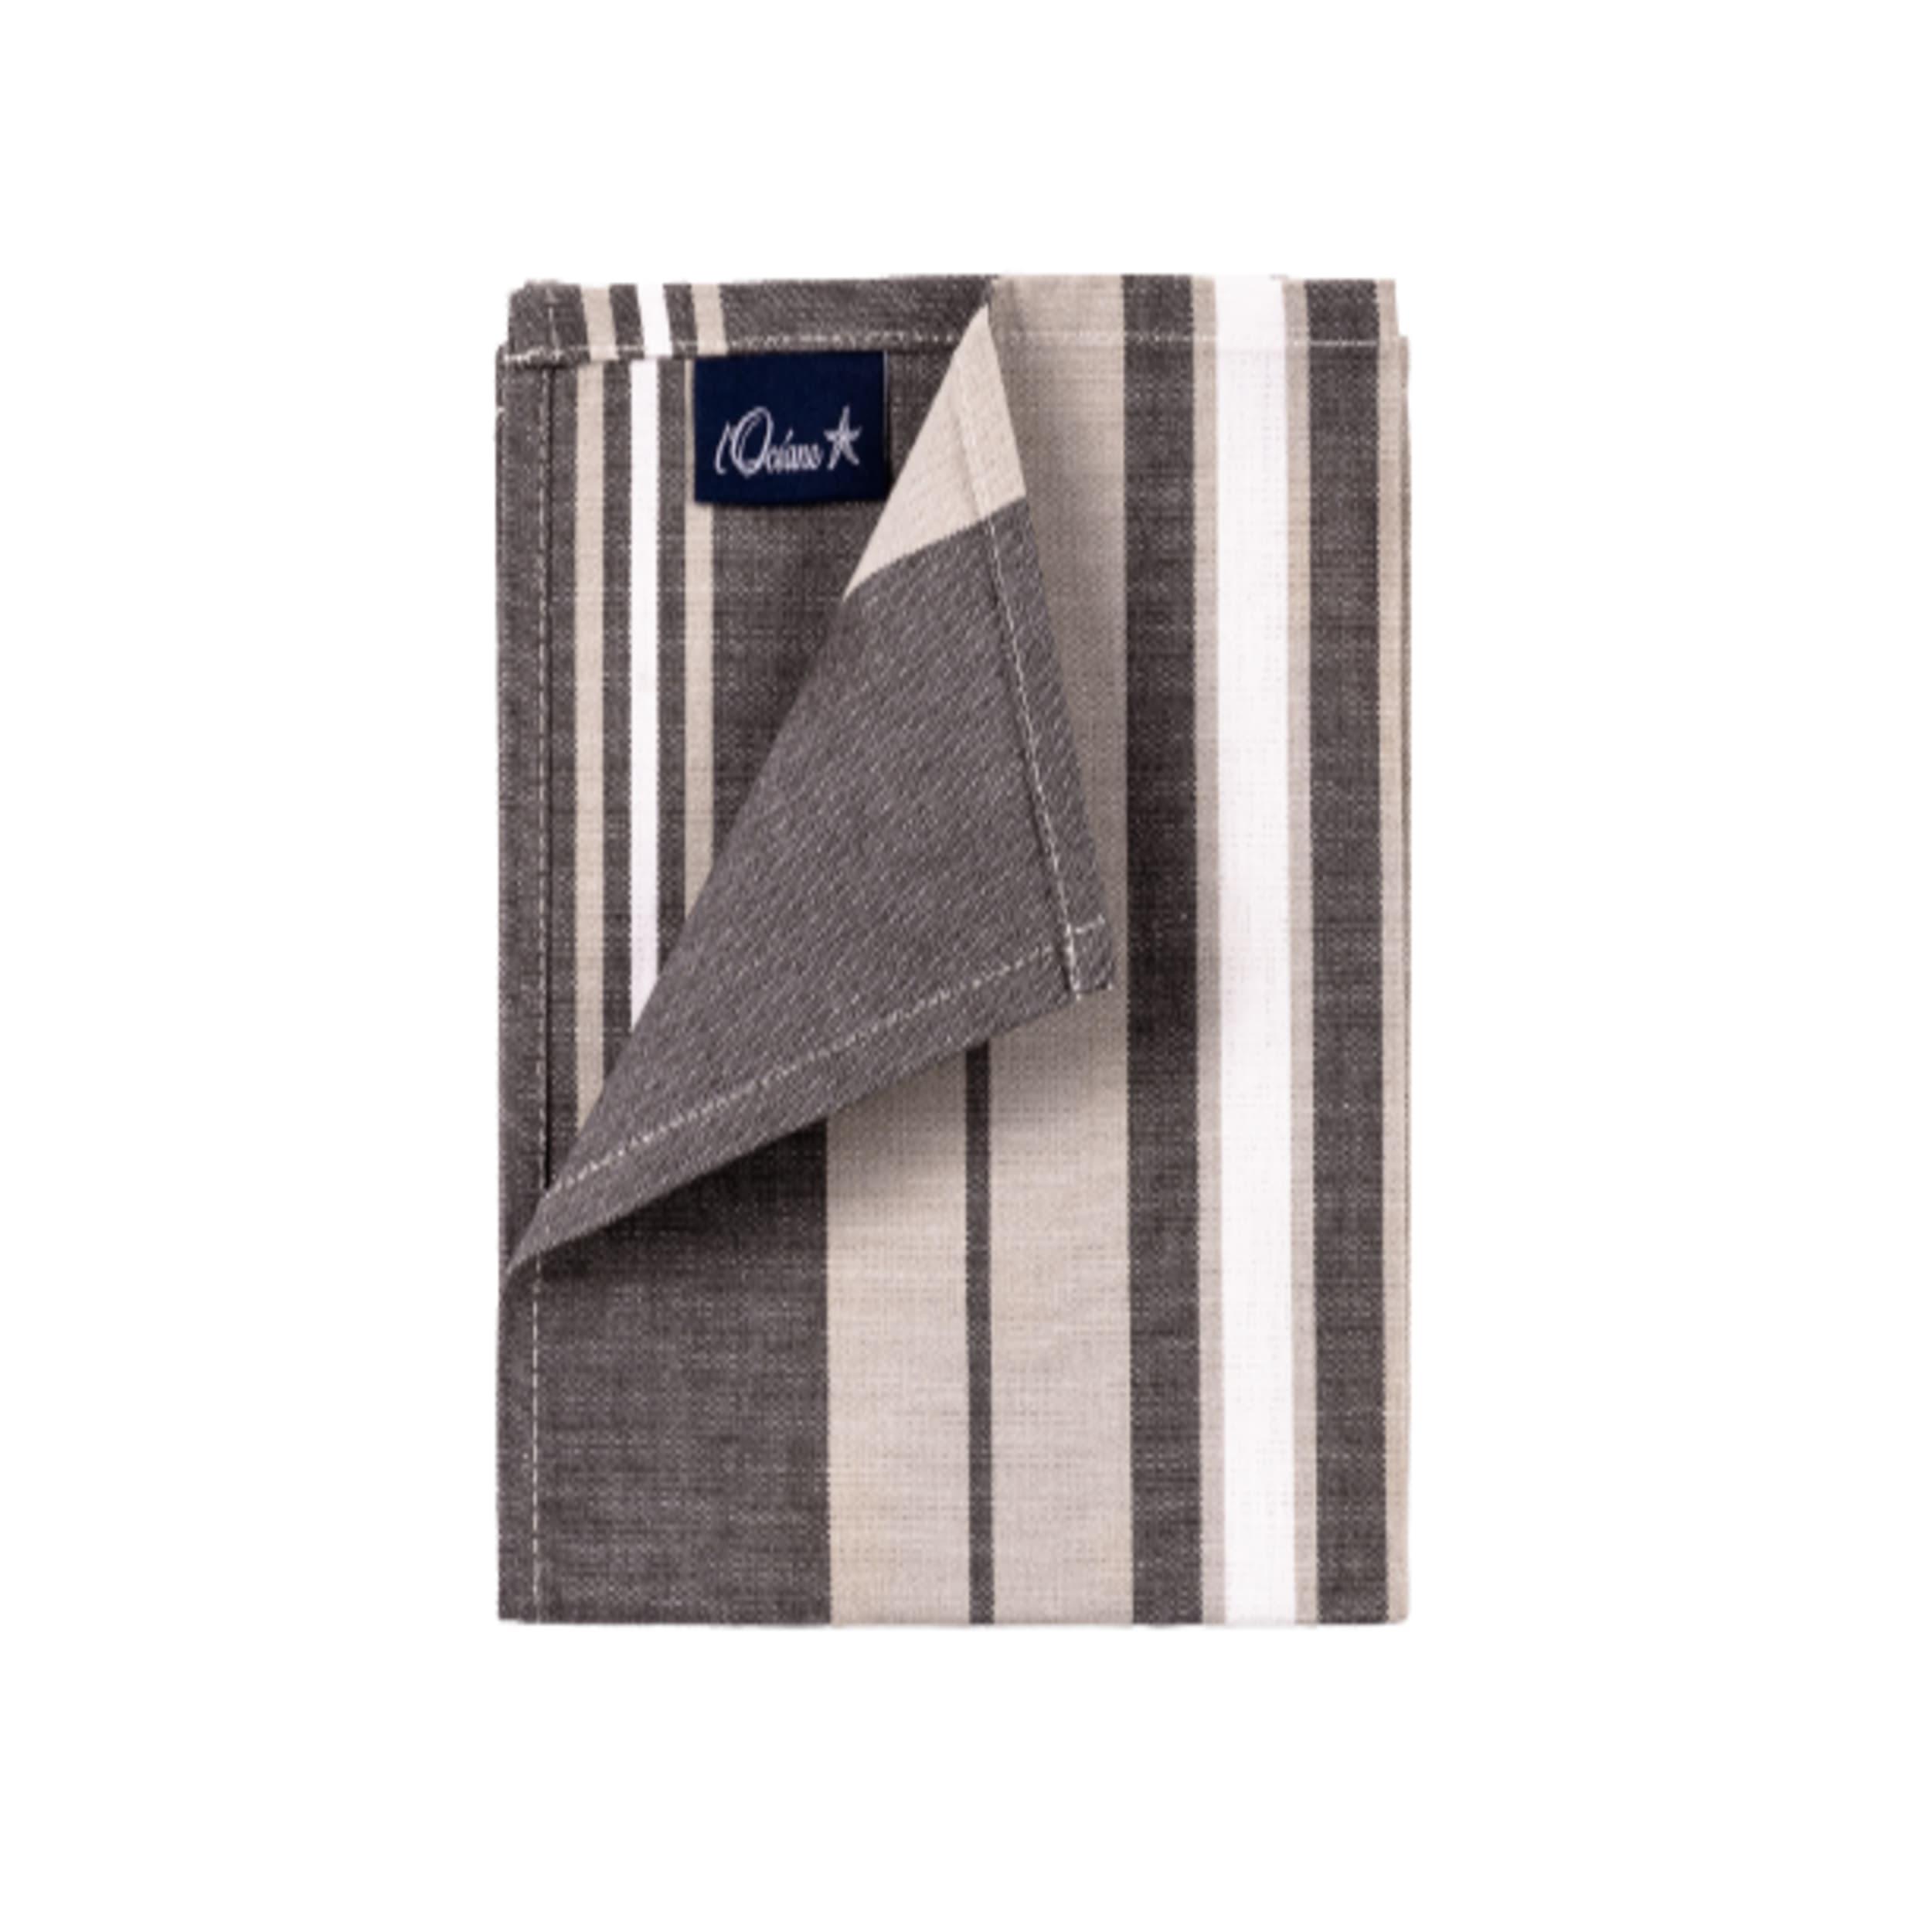 1 lot de 6 serviettes de table 100% coton gris 36 x 36 cm